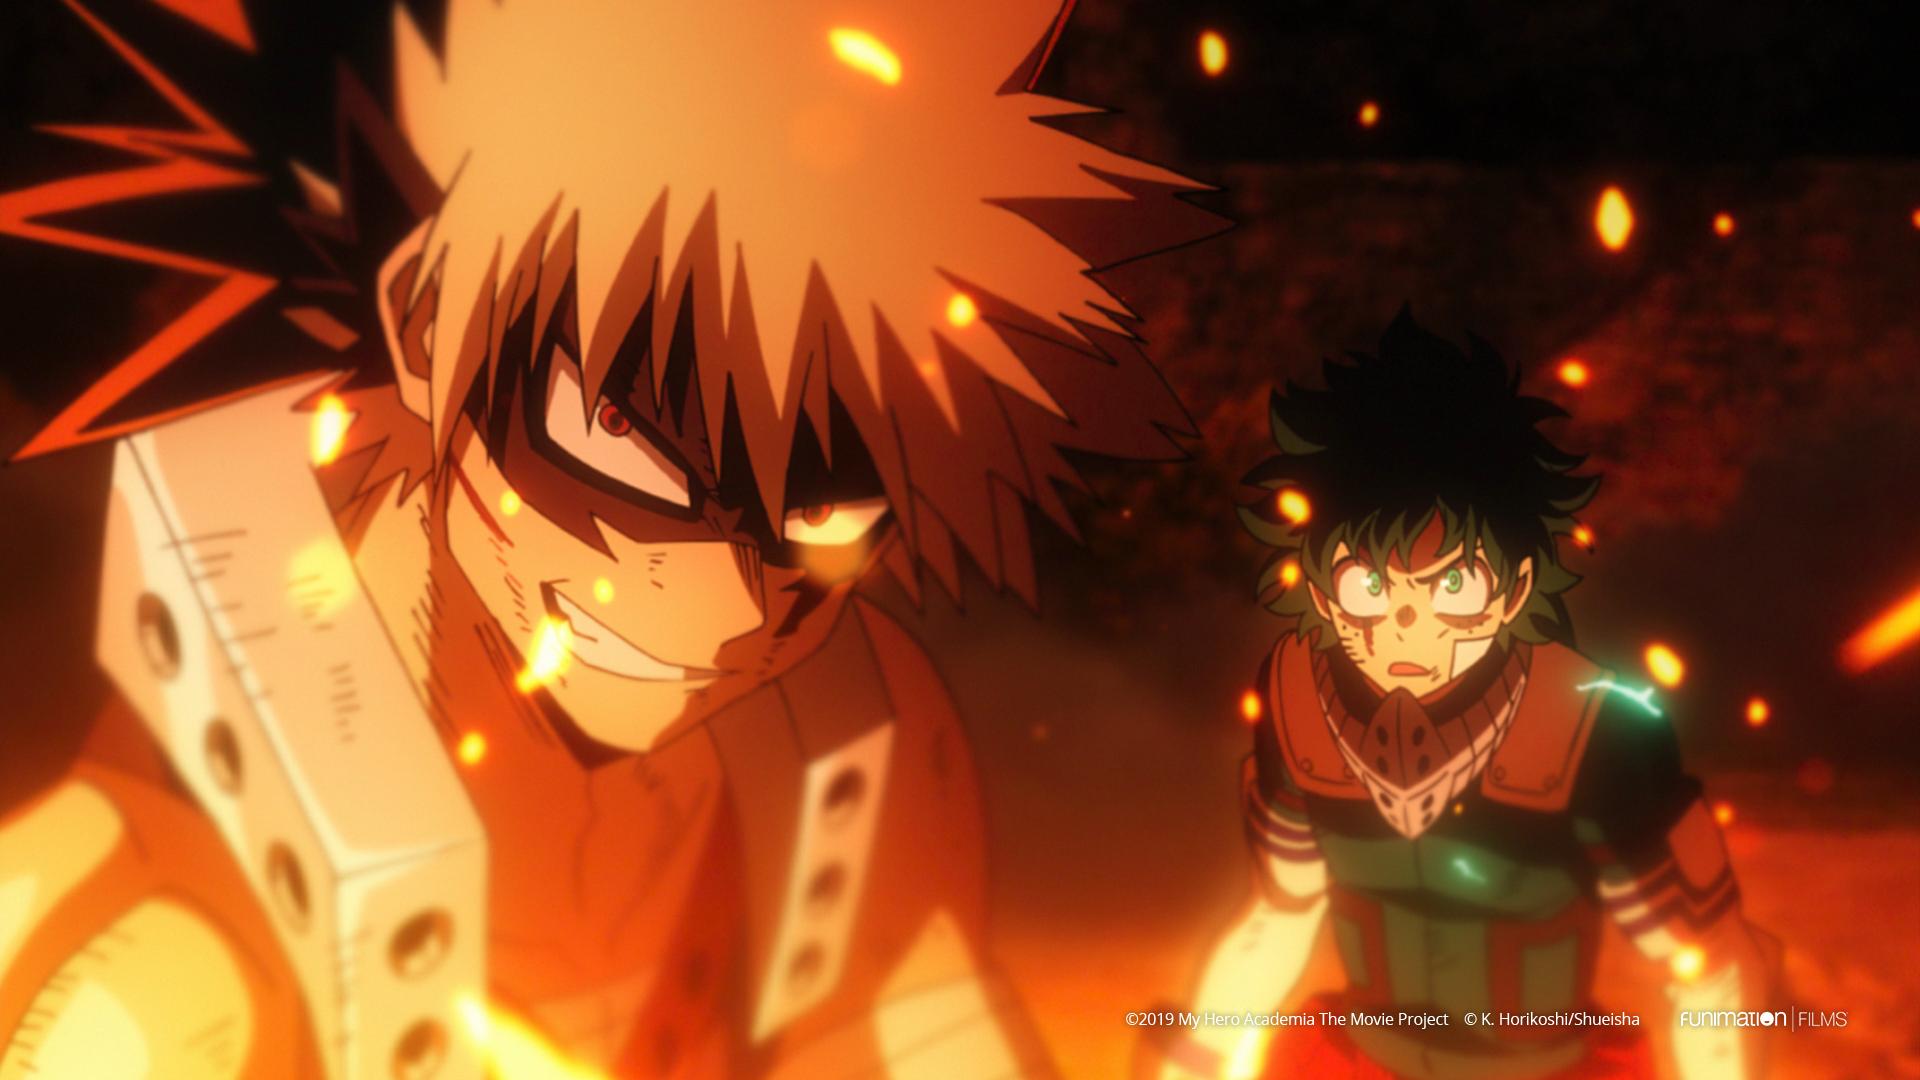 My Hero Academia Heroes Rising Katsuki Bakugo and Izuku Midoriya